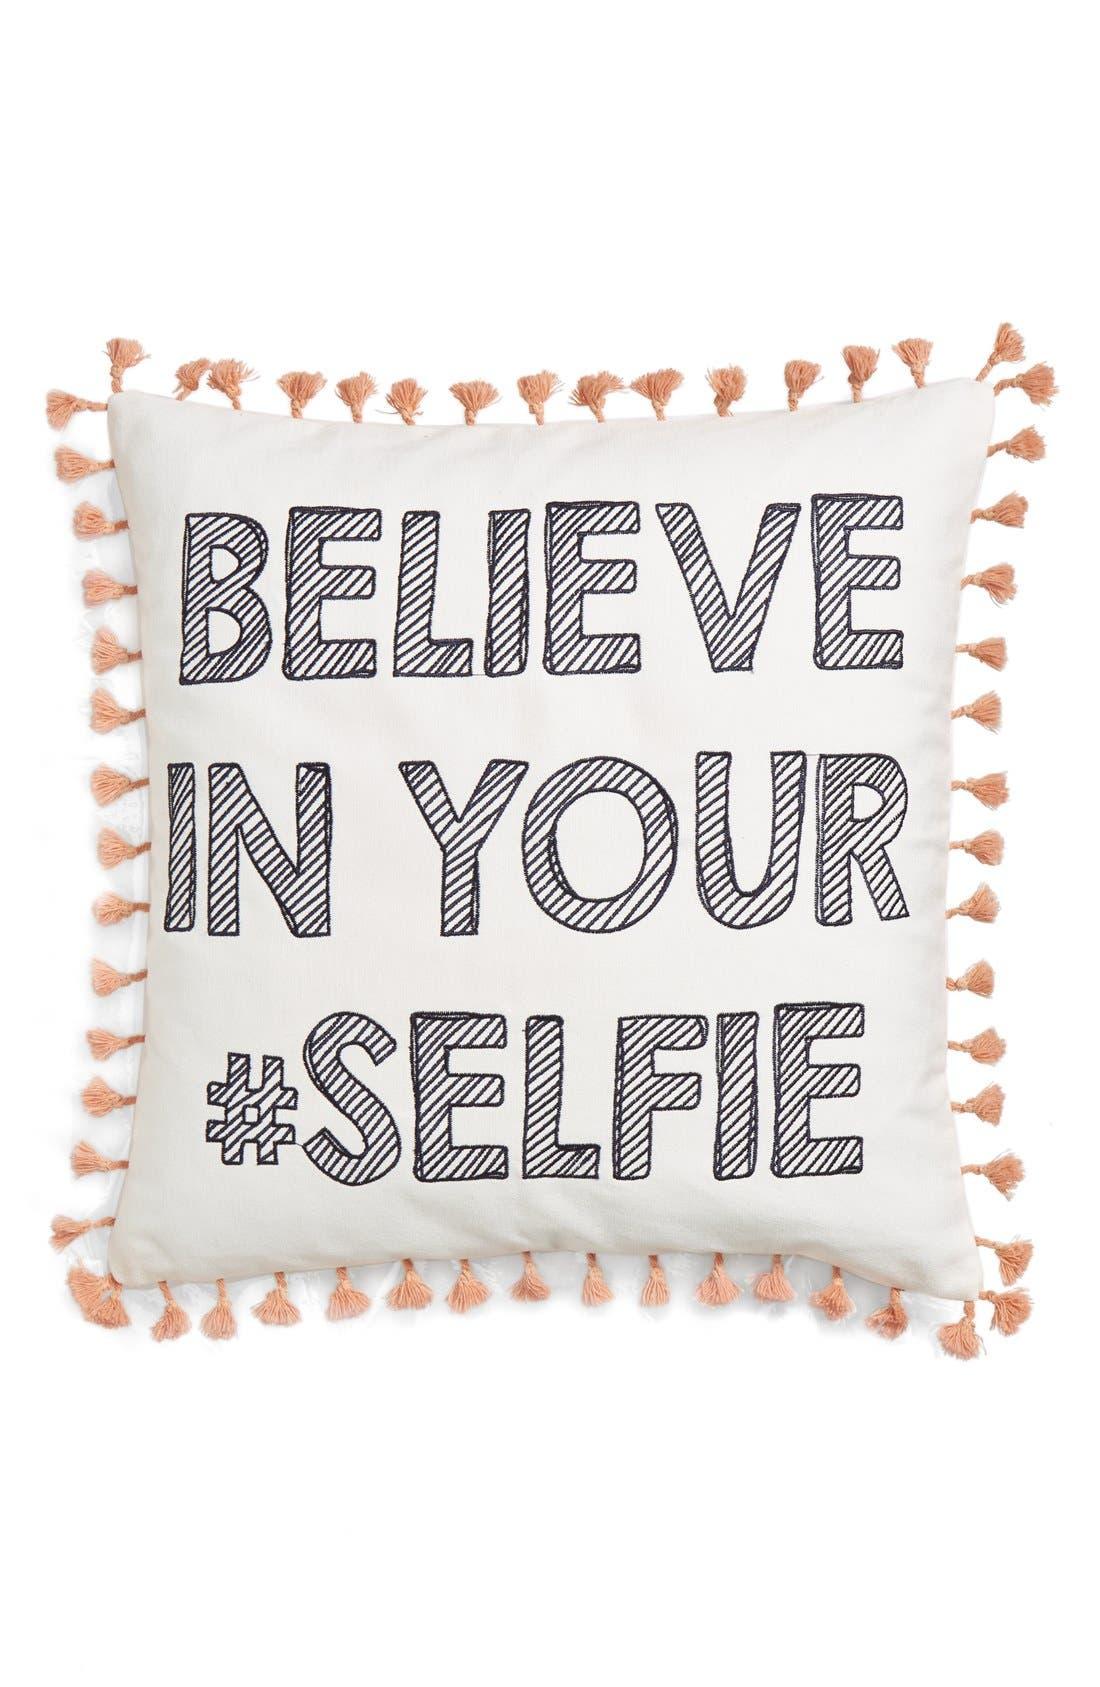 Main Image - Levtex 'Believe In Your #Selfie' Pillow